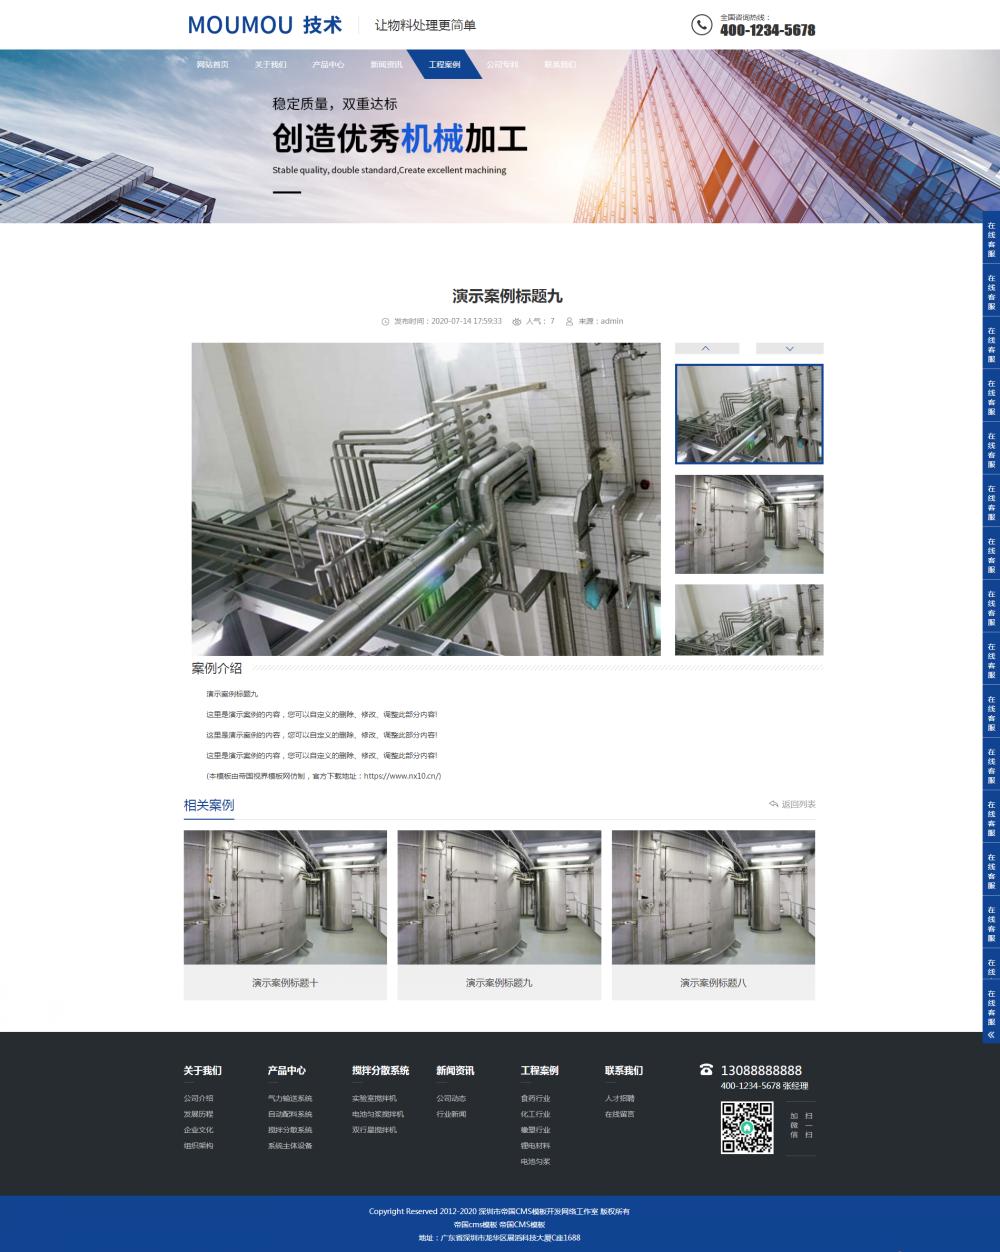 10案例内容页.png [DG-123]响应式物料自动化机械加工帝国CMS模板 html5蓝色营销型机械设备帝国网站源码 企业模板 第10张